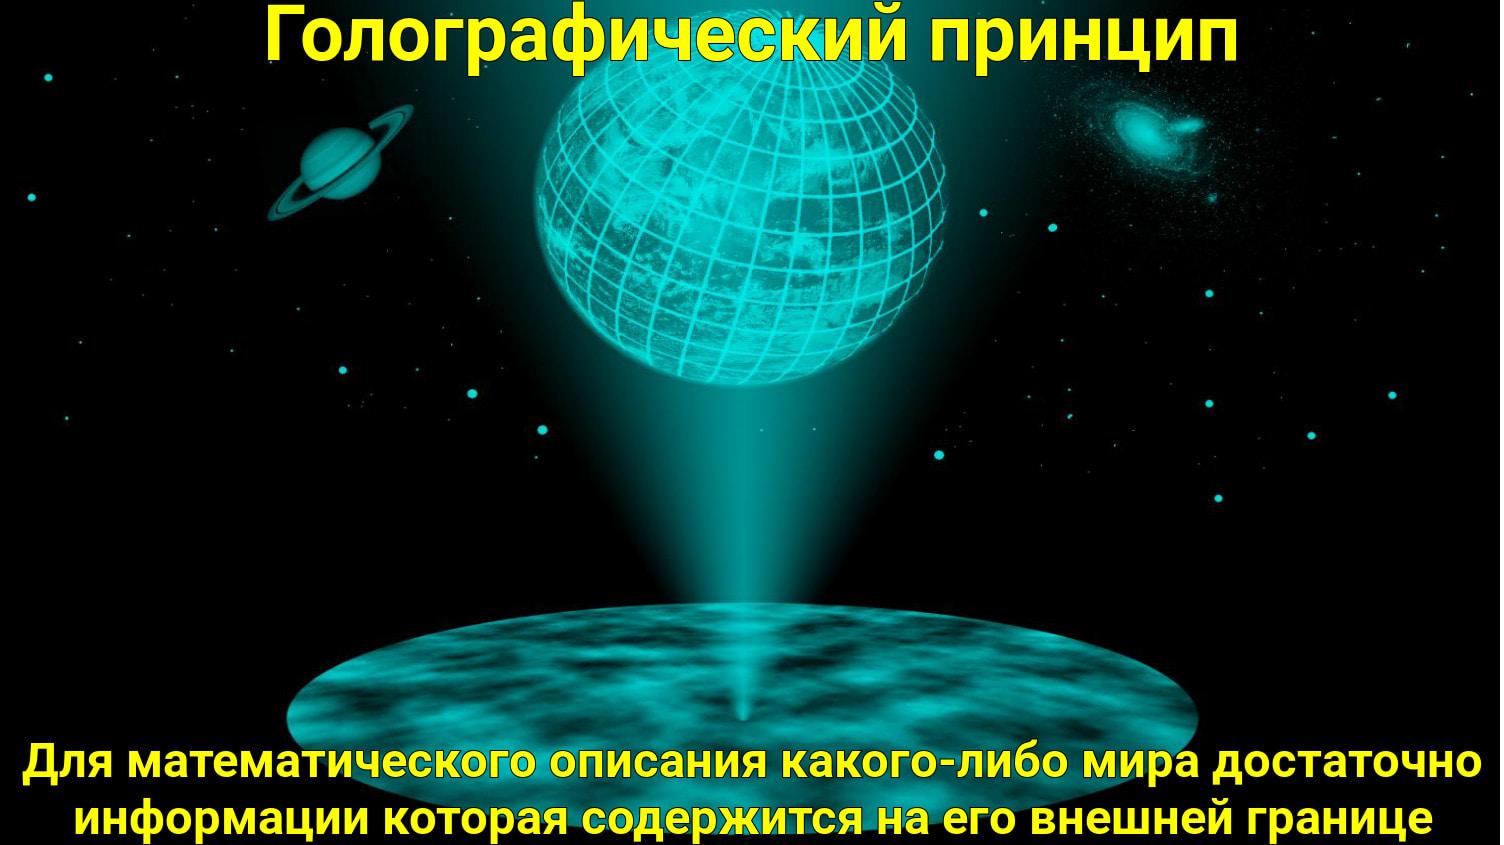 Голографический принцип. Для математического описания какого-либо мира достаточно информации, которая содержится на его внешней границе.